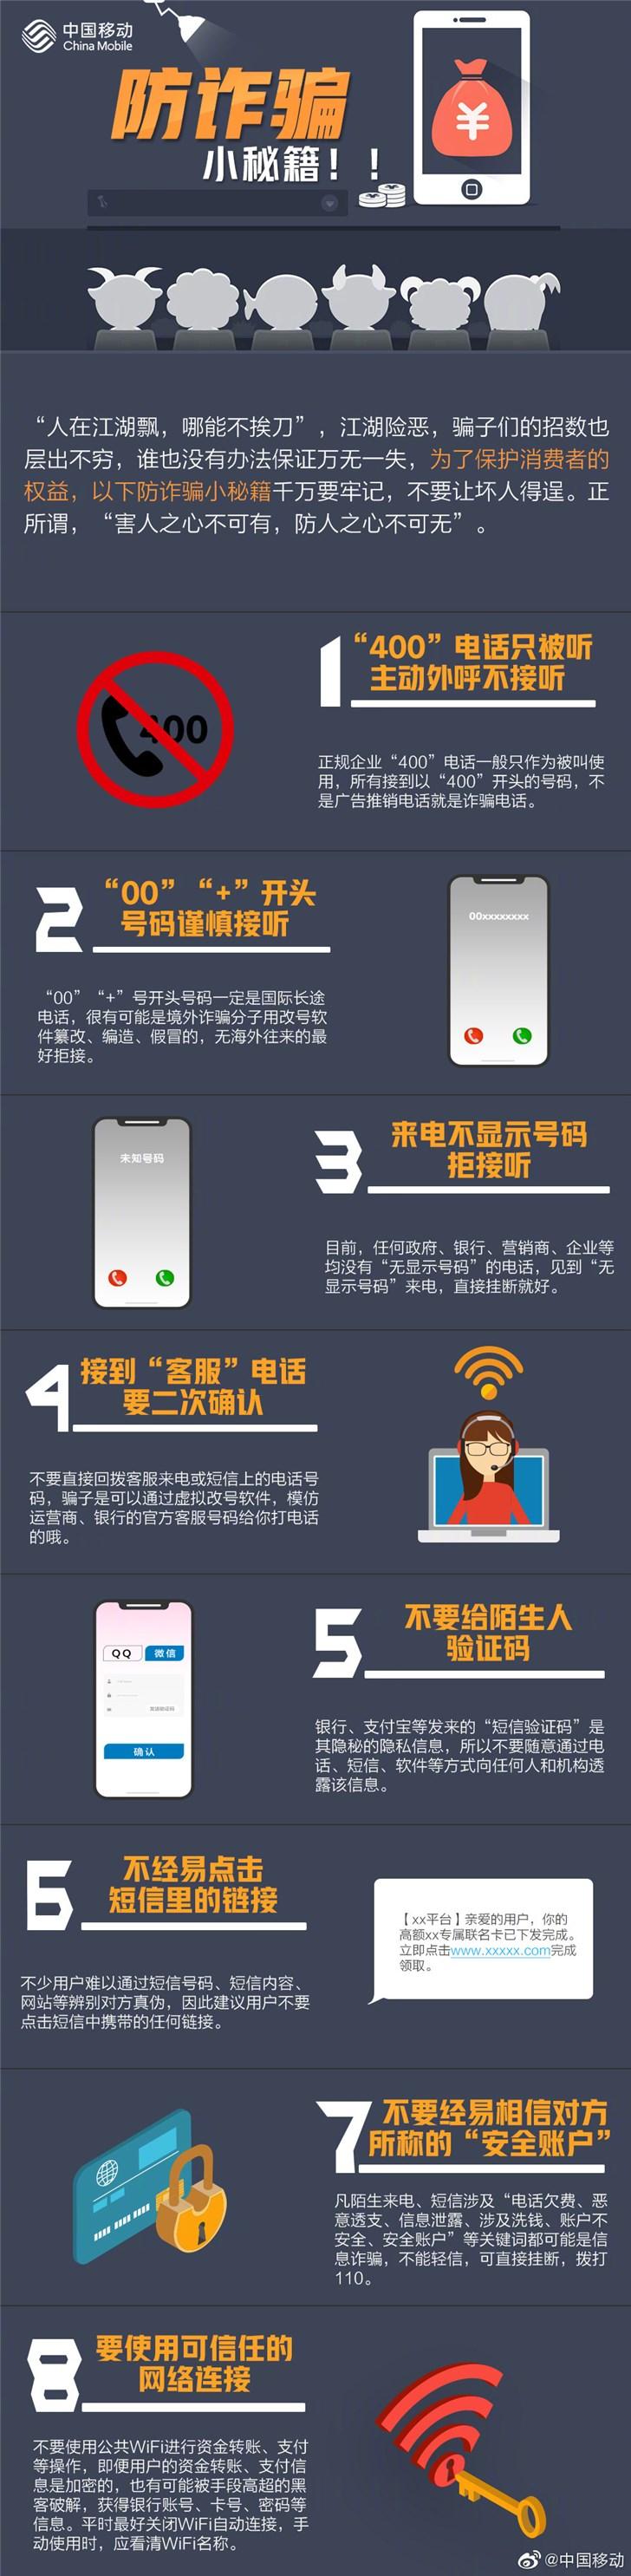 中国移动官方一图流!教你如何识破各路通信骗局